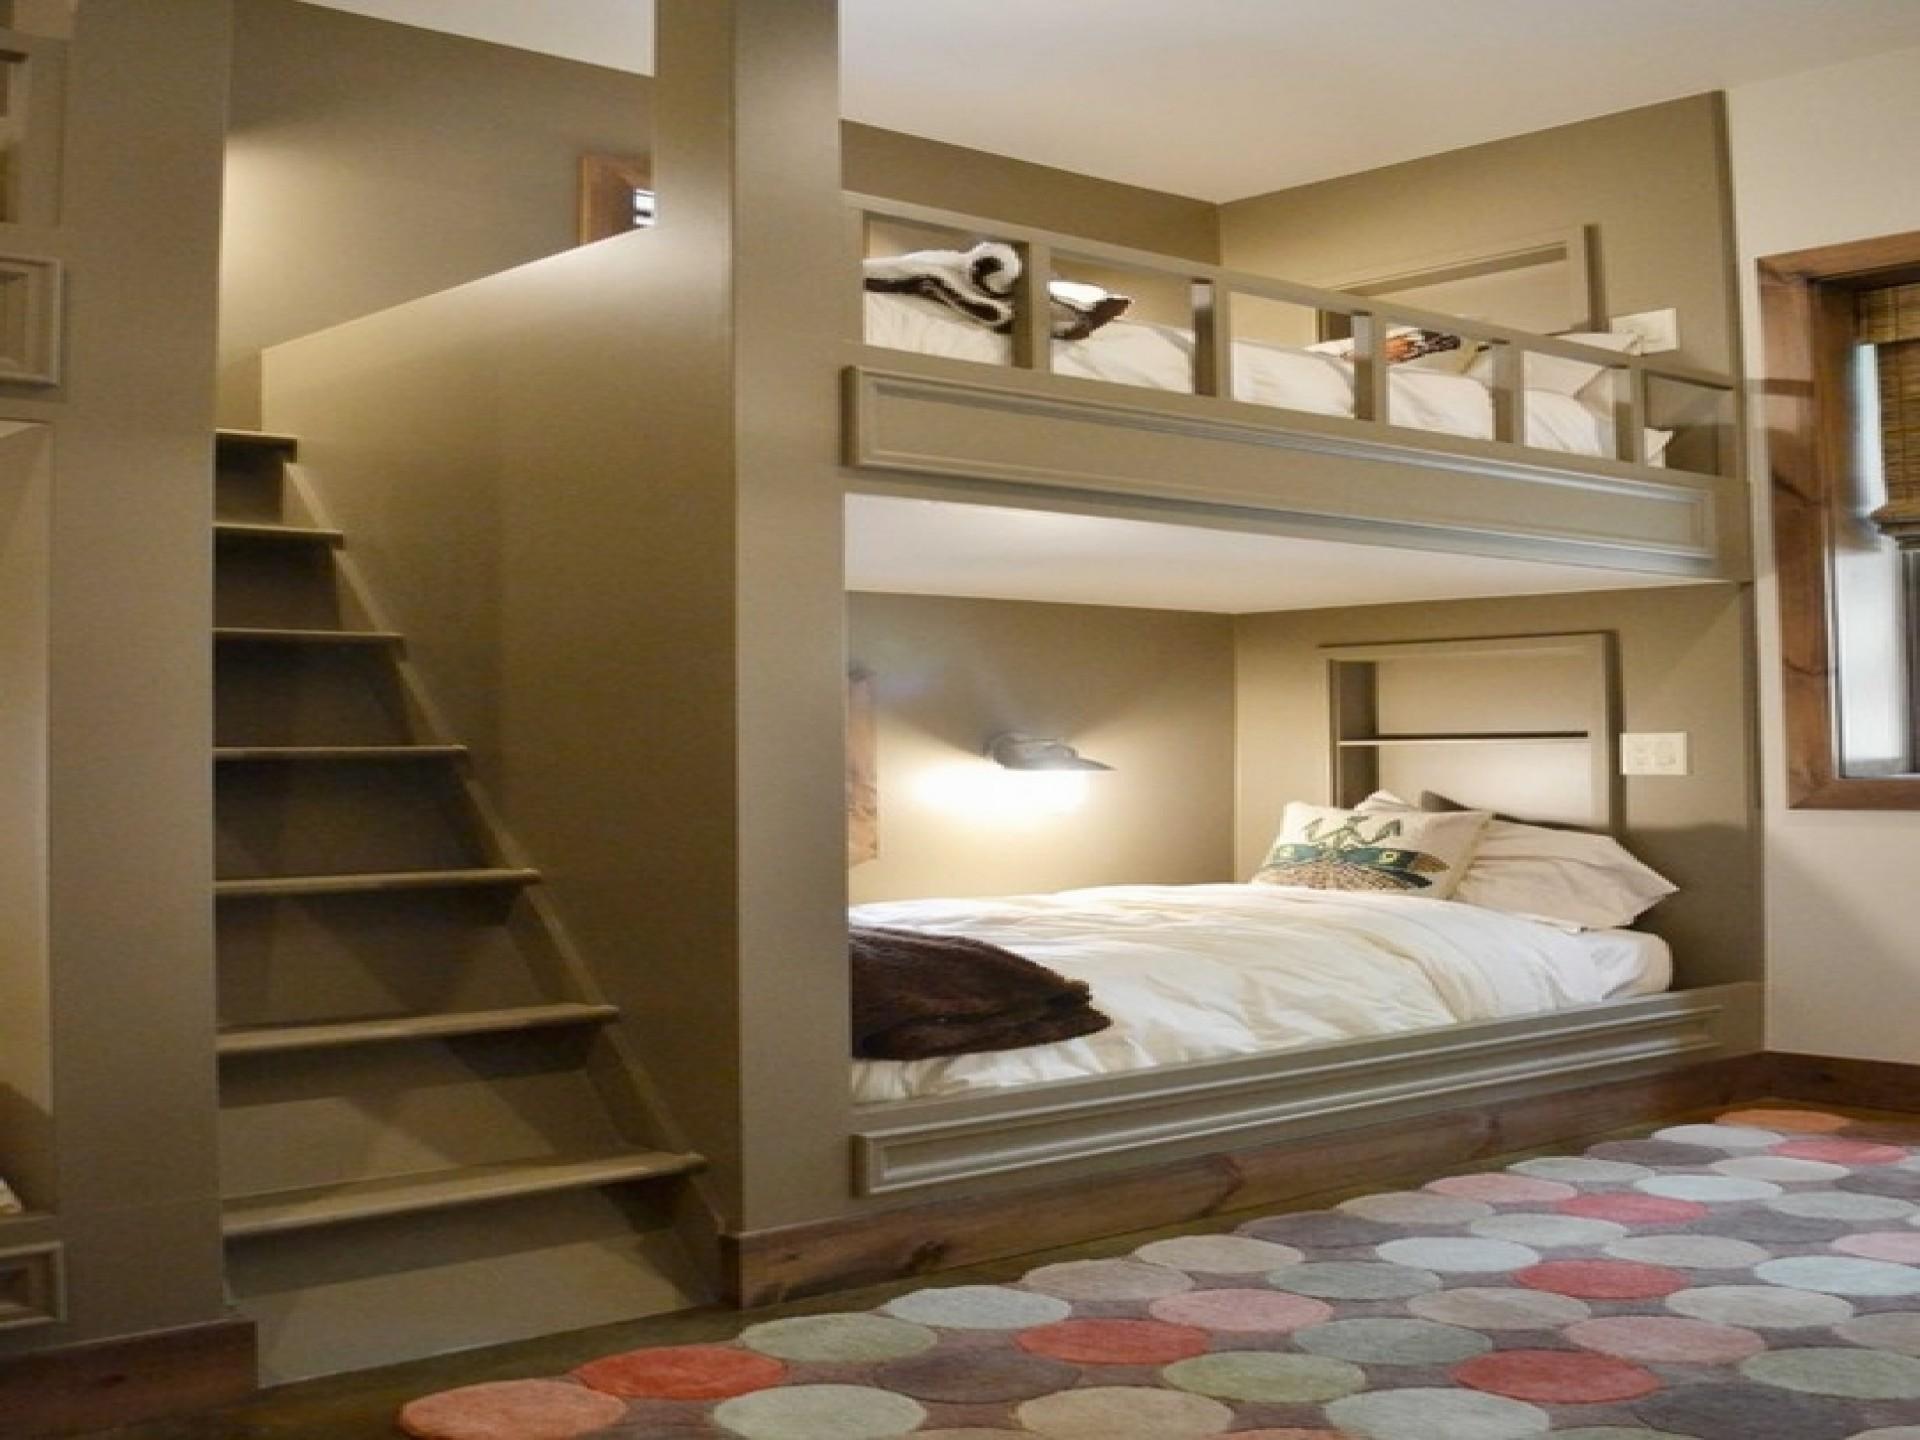 Bedroom Bunk Beds Stairs Desk Girls Window Decoratorist 78143